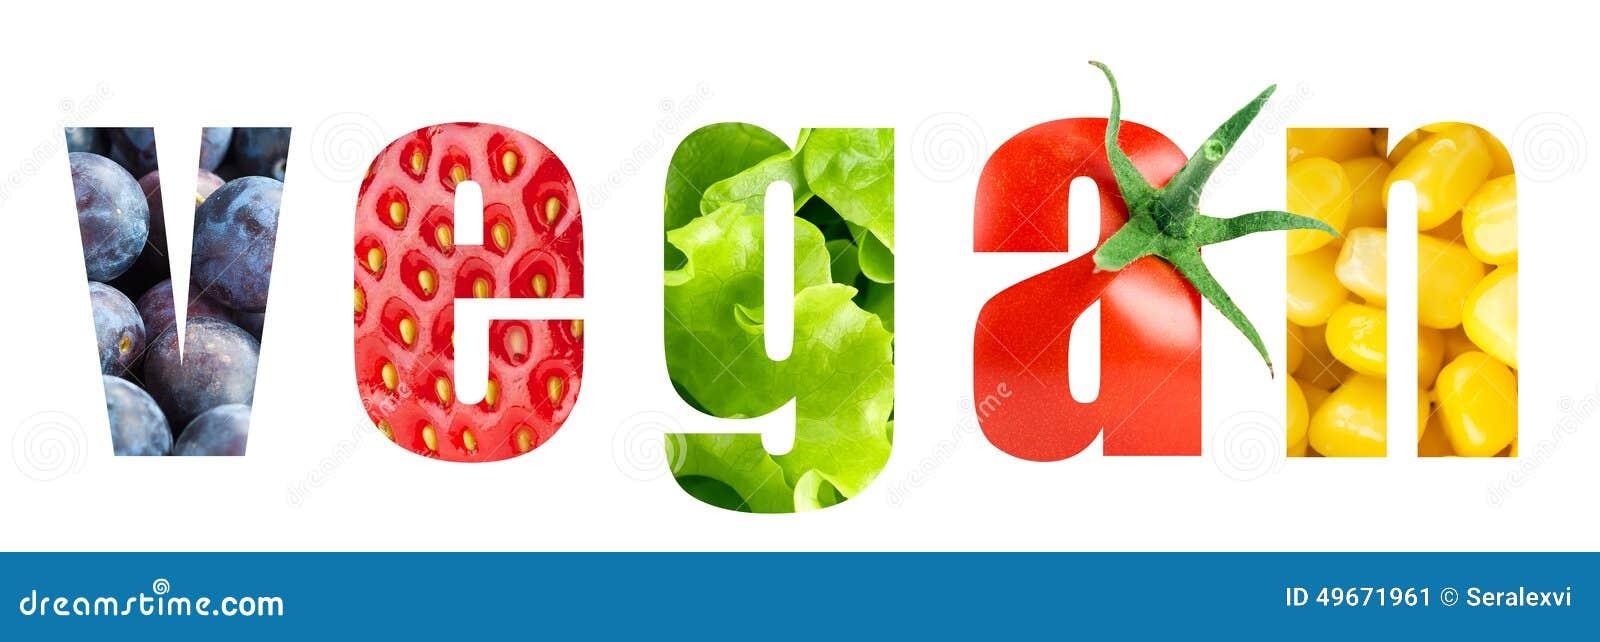 Letter Word For Green Fruit